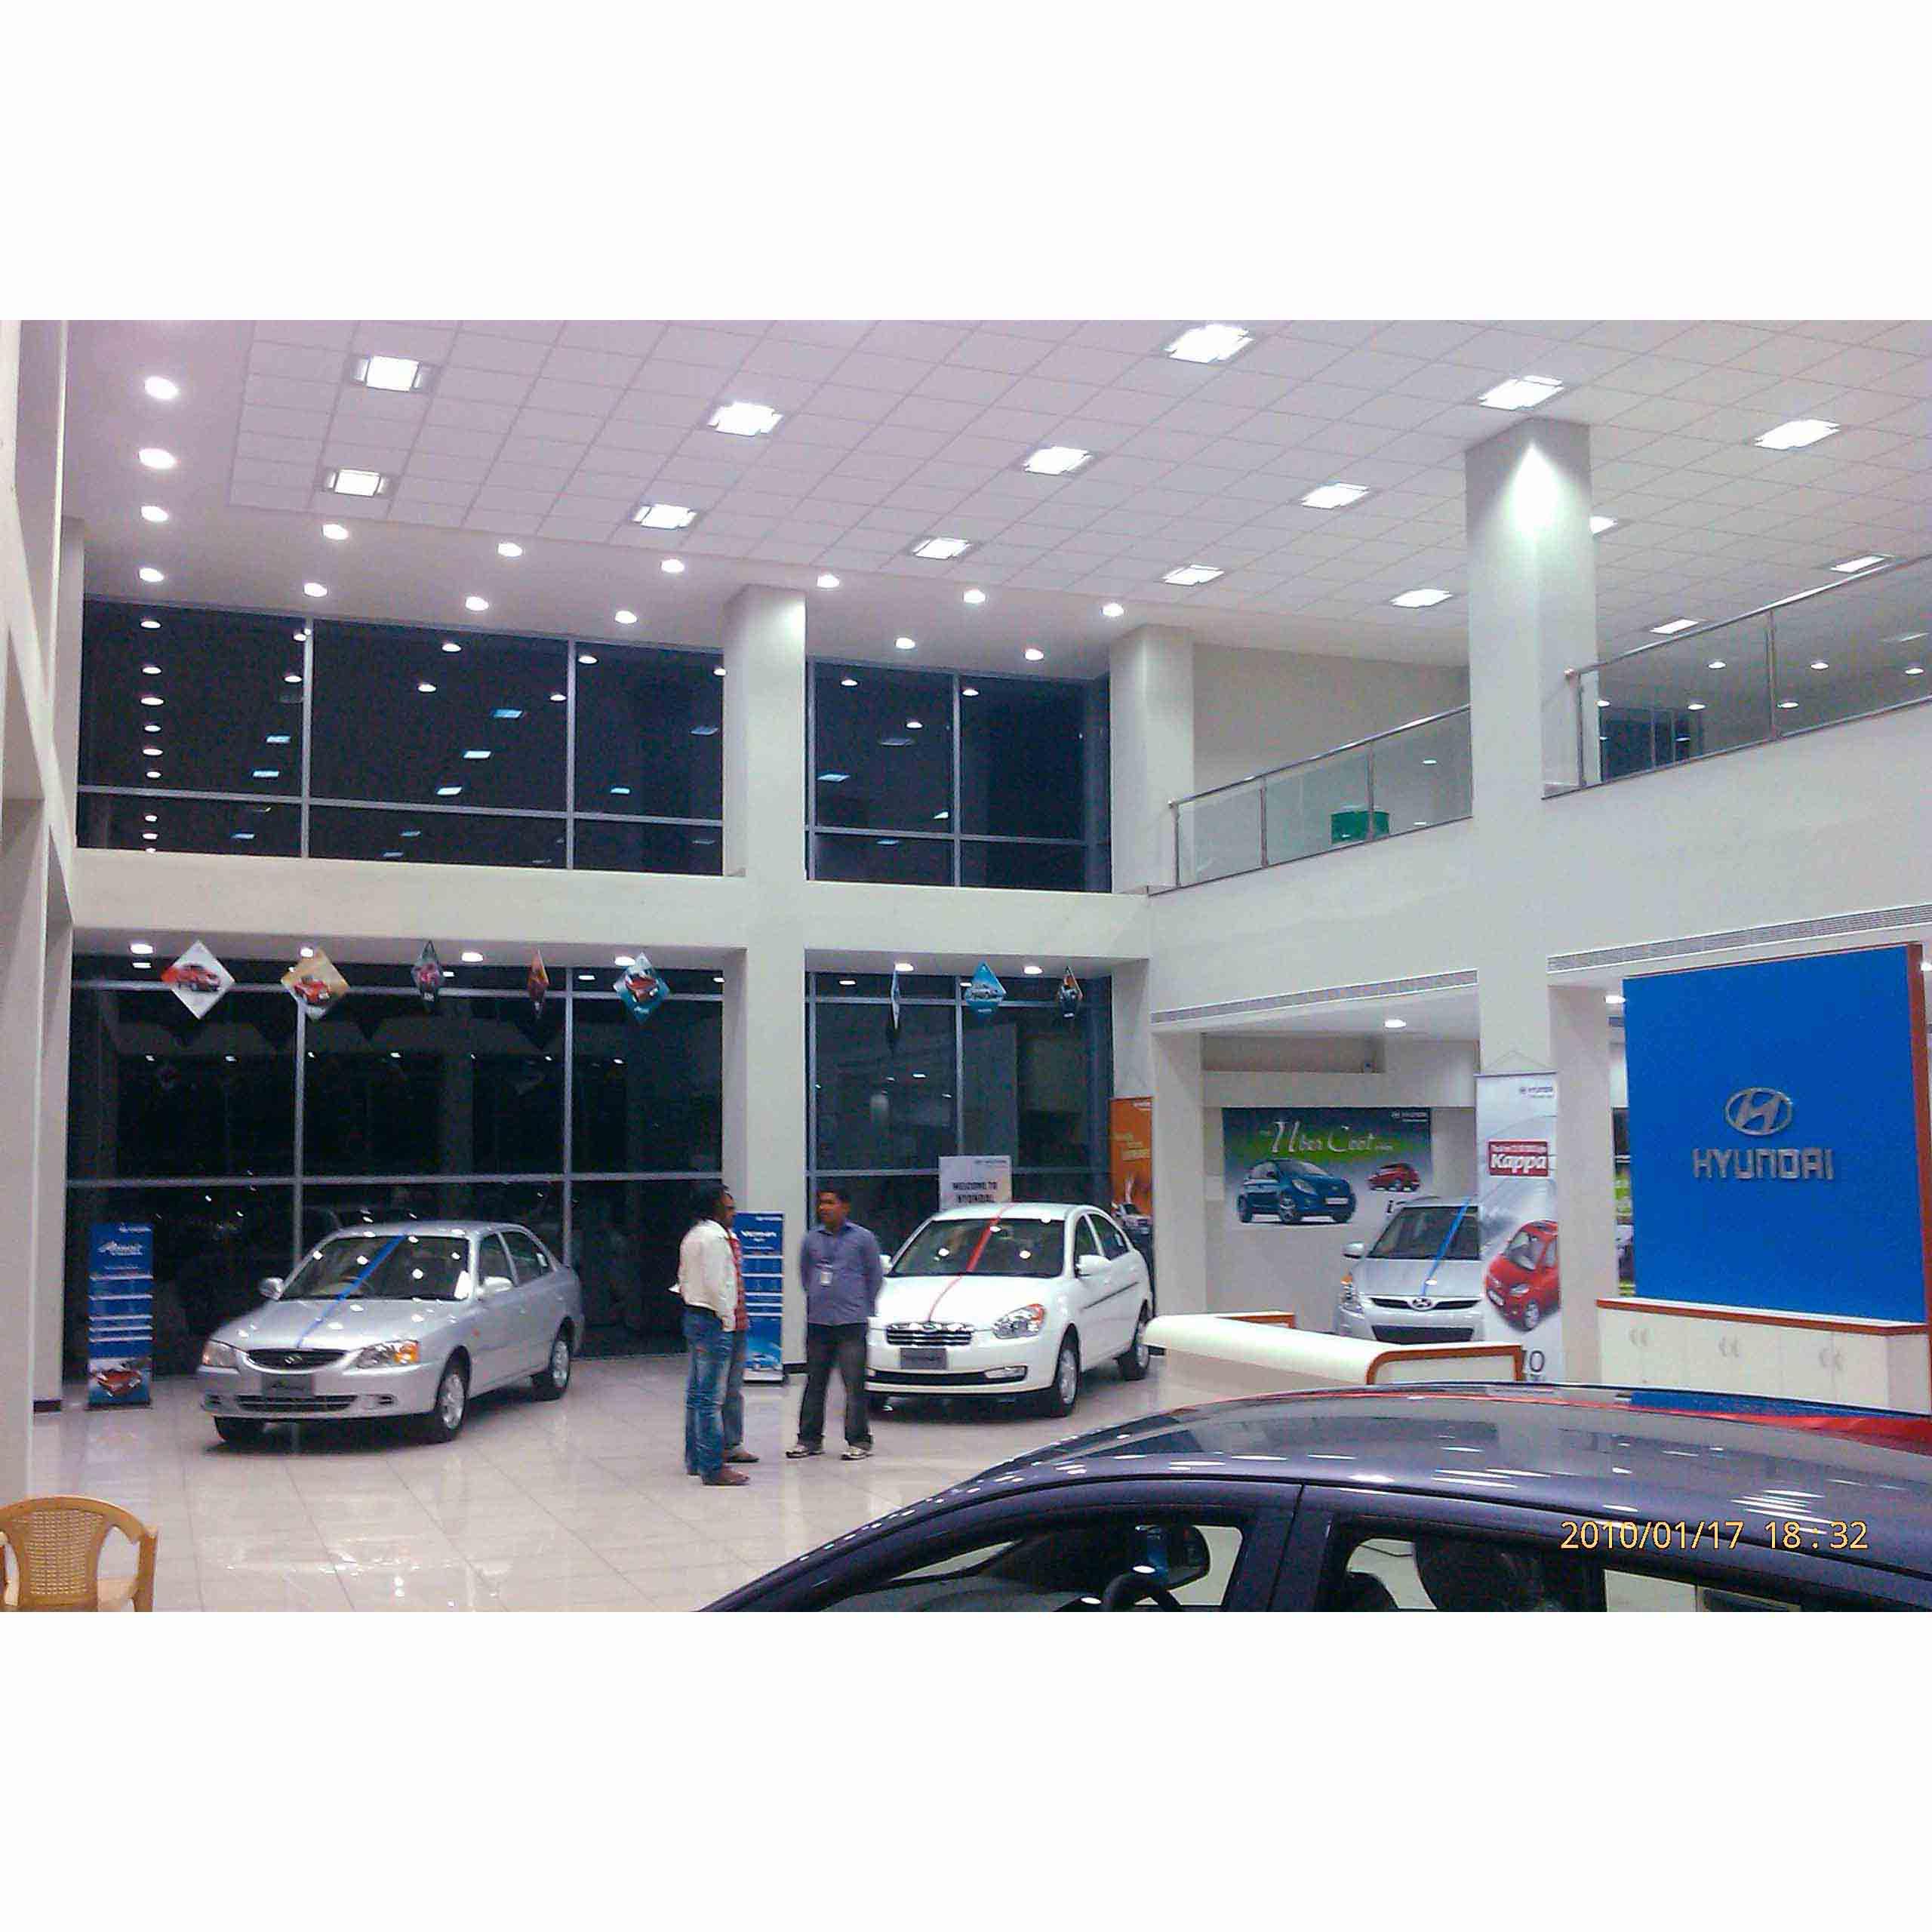 hyundai car showroom